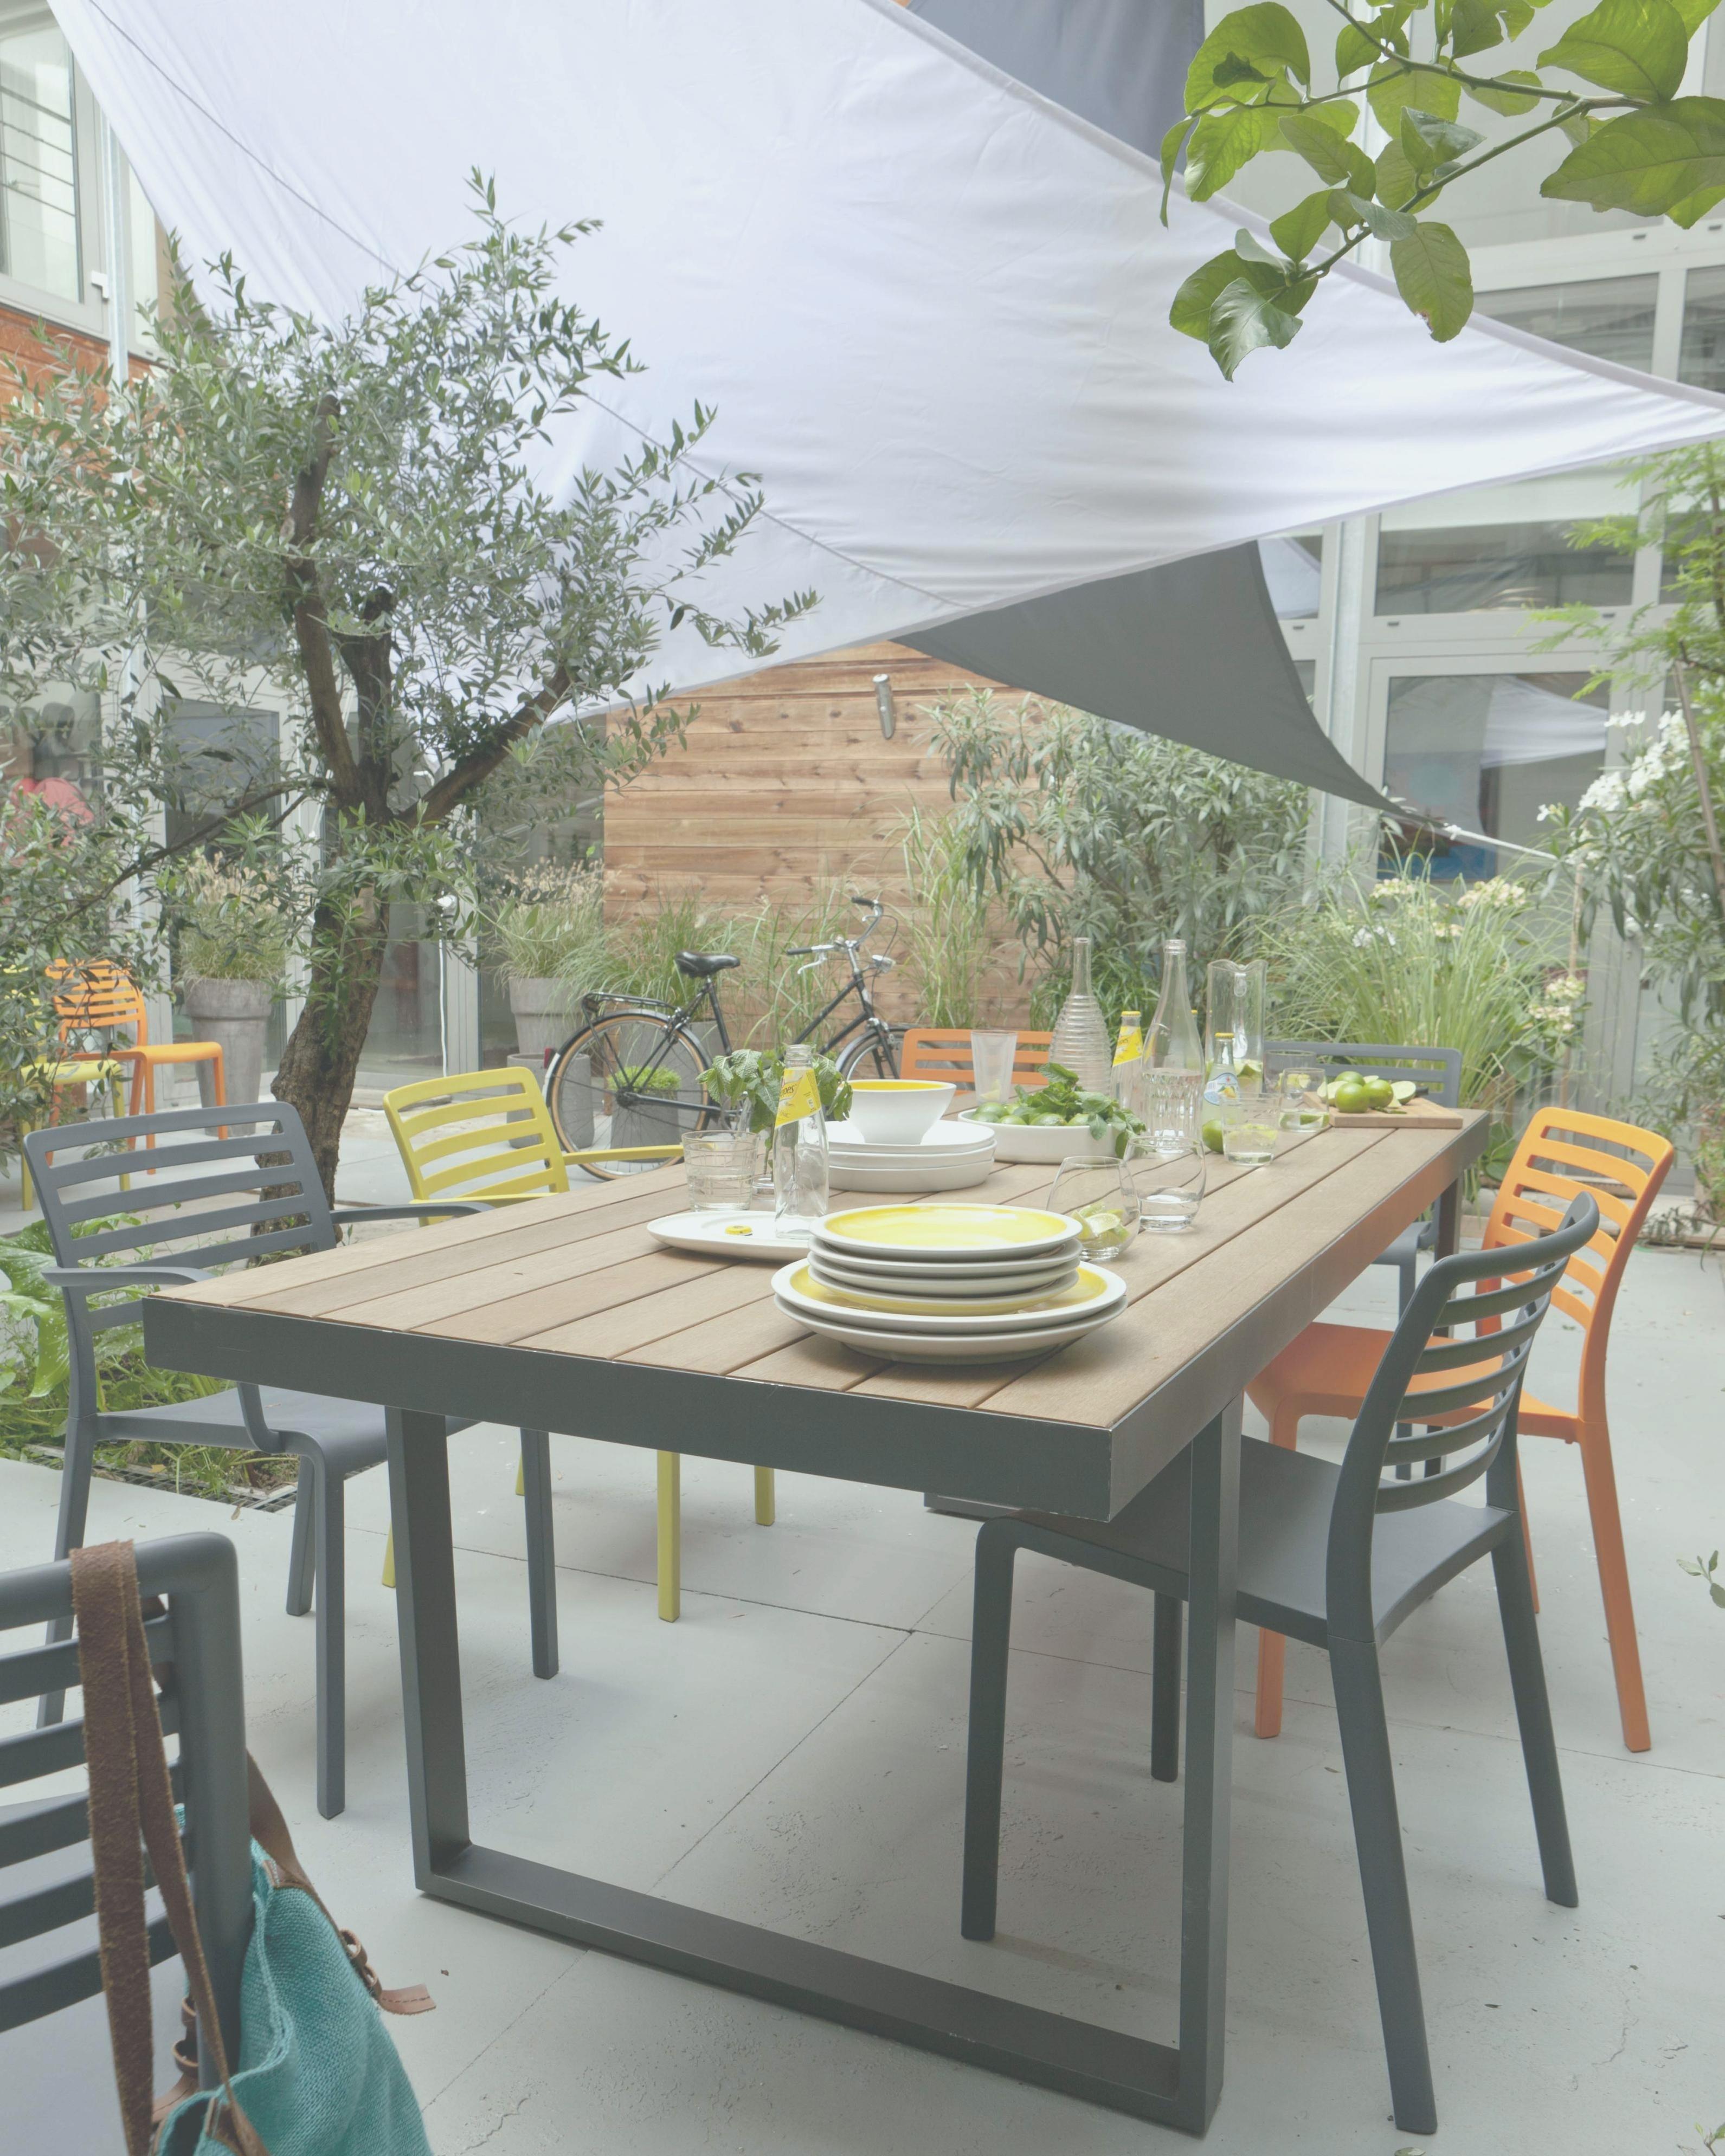 Salon de jardin sydney castorama